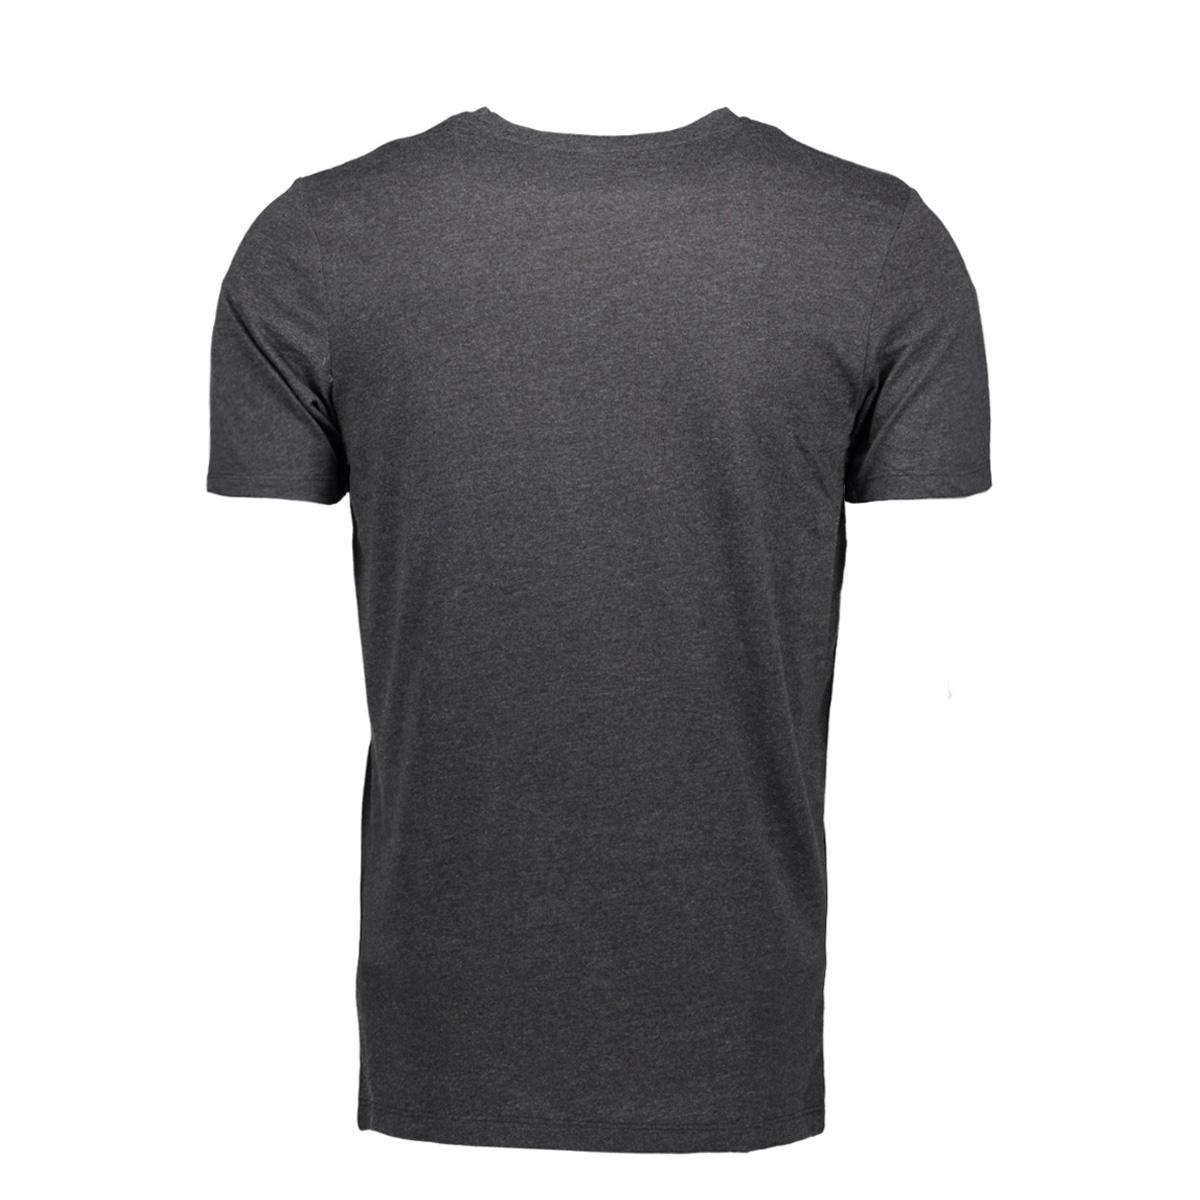 jcobooster tee ss crew neck 0010 12135945 jack & jones t-shirt dark grey